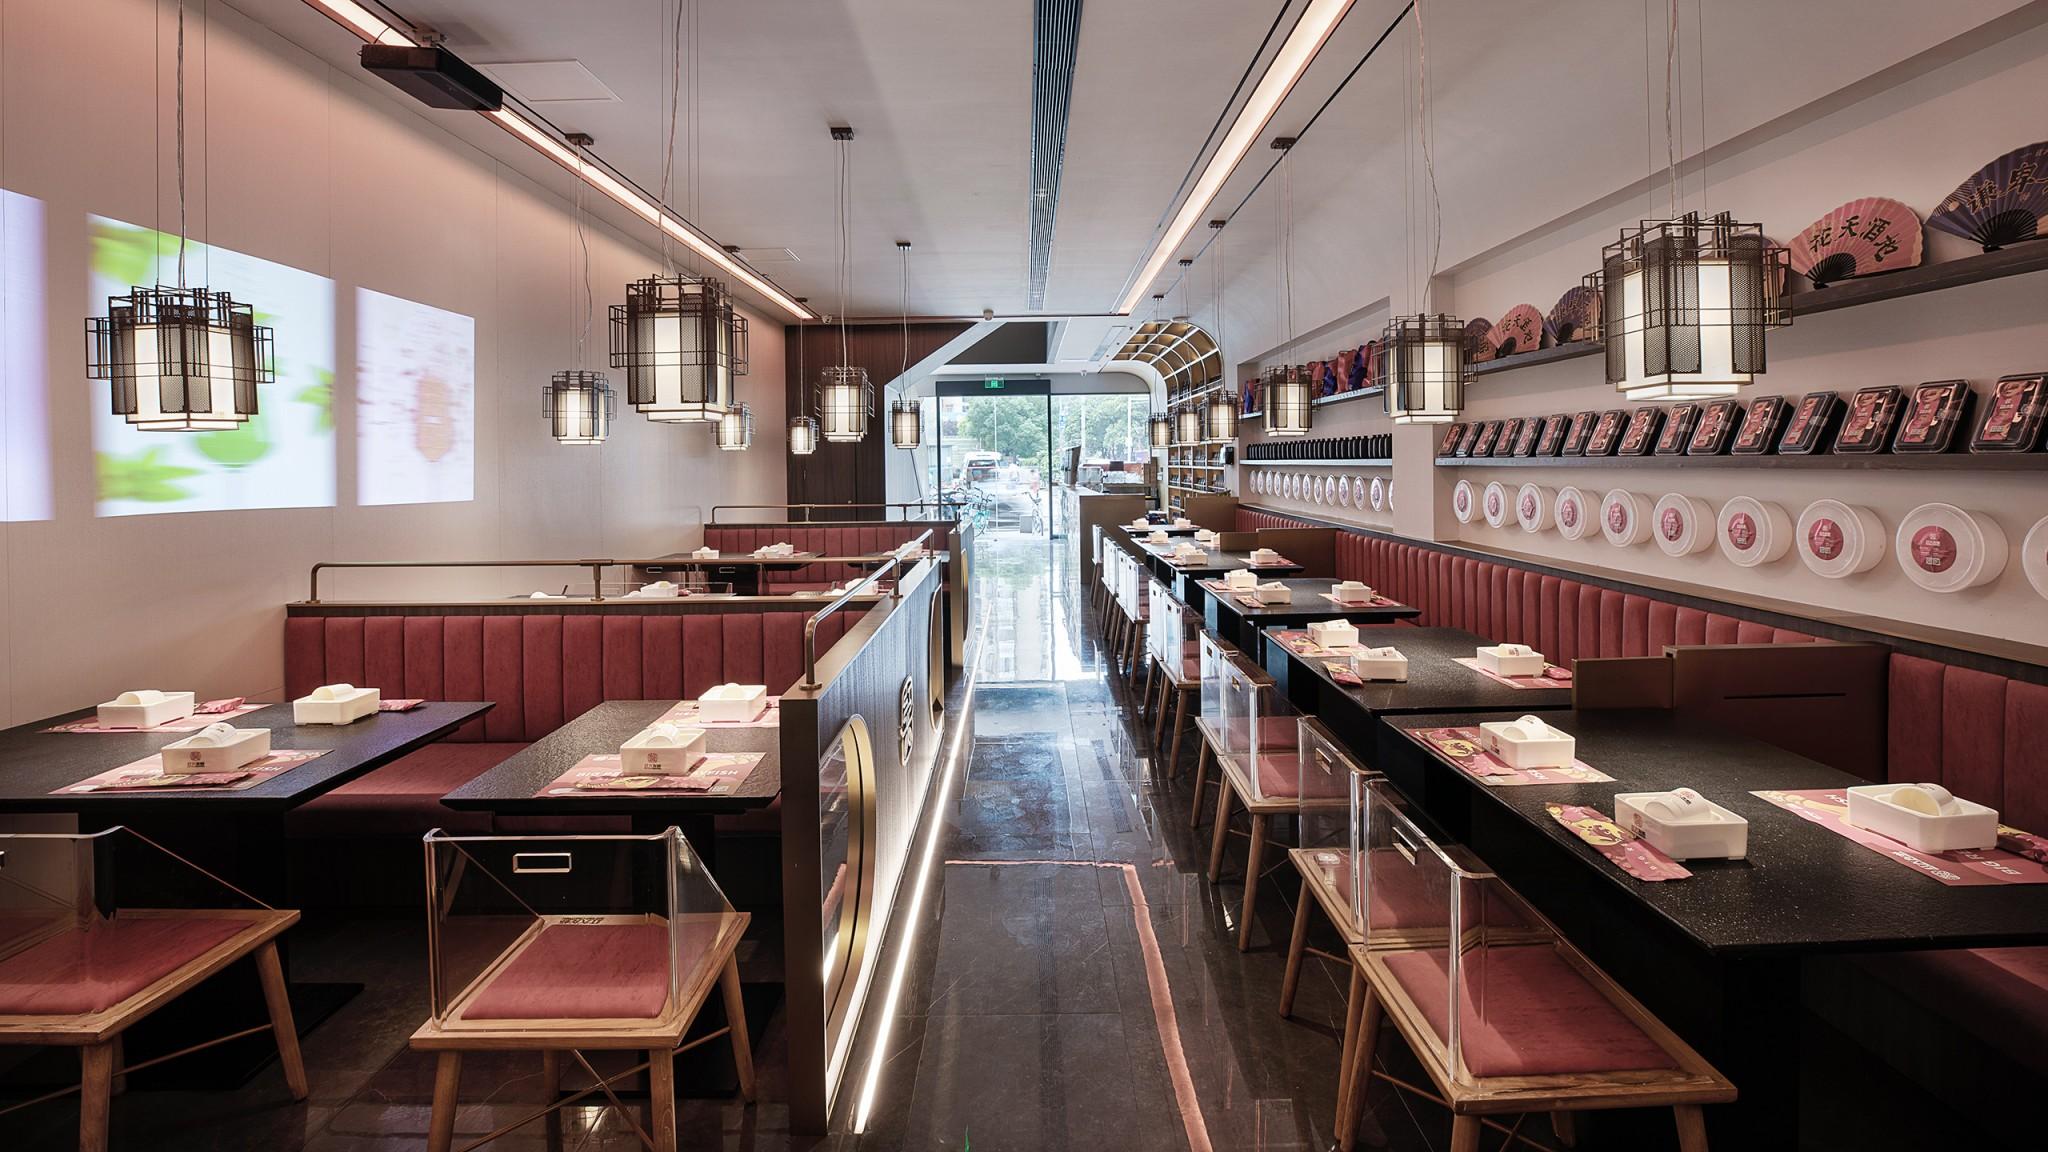 餐饮品牌商业空间设计-红大龙虾38d3b9e7031e1d315123fd69c3e086ed